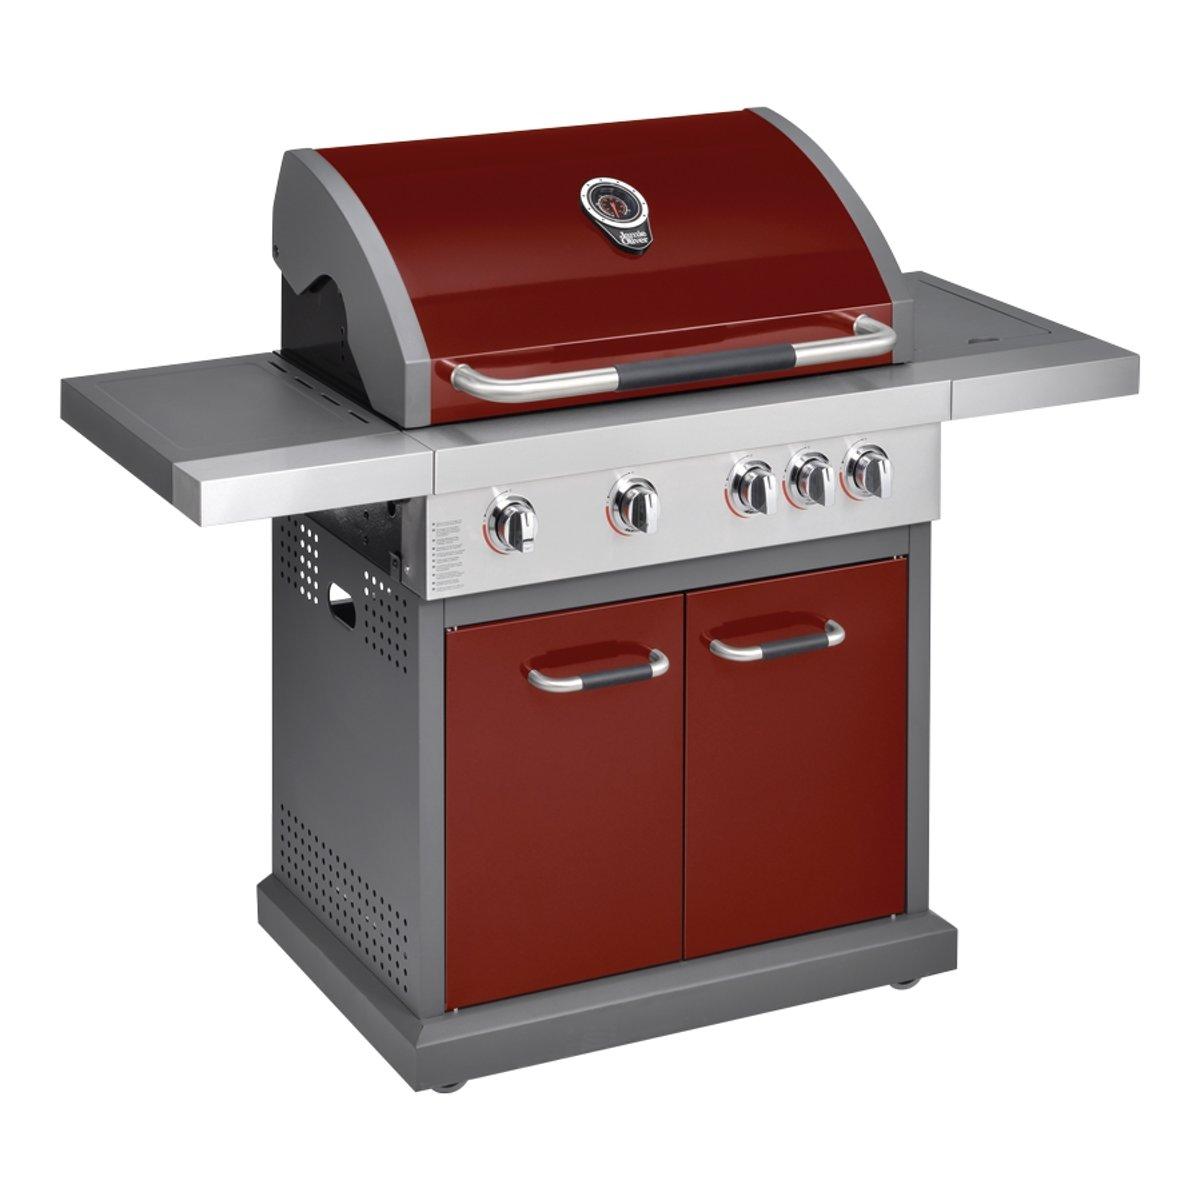 Jamie Oliver Performer 4 Gasbarbecue - 4 branders - Rood kopen